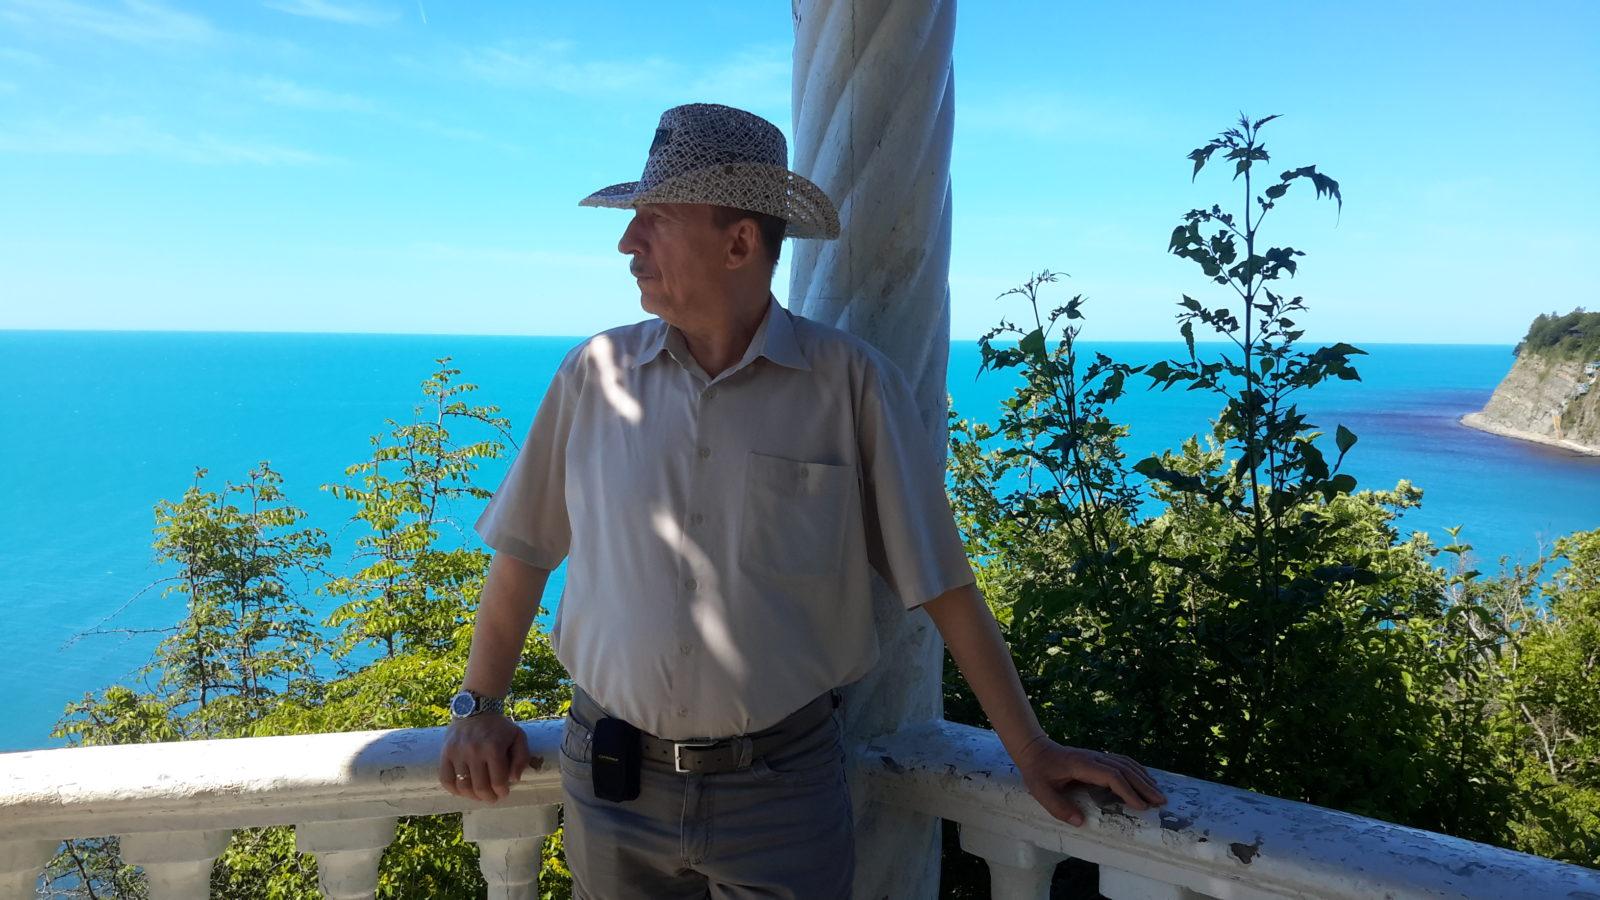 Пенсионер в беседке с красивым видом на море